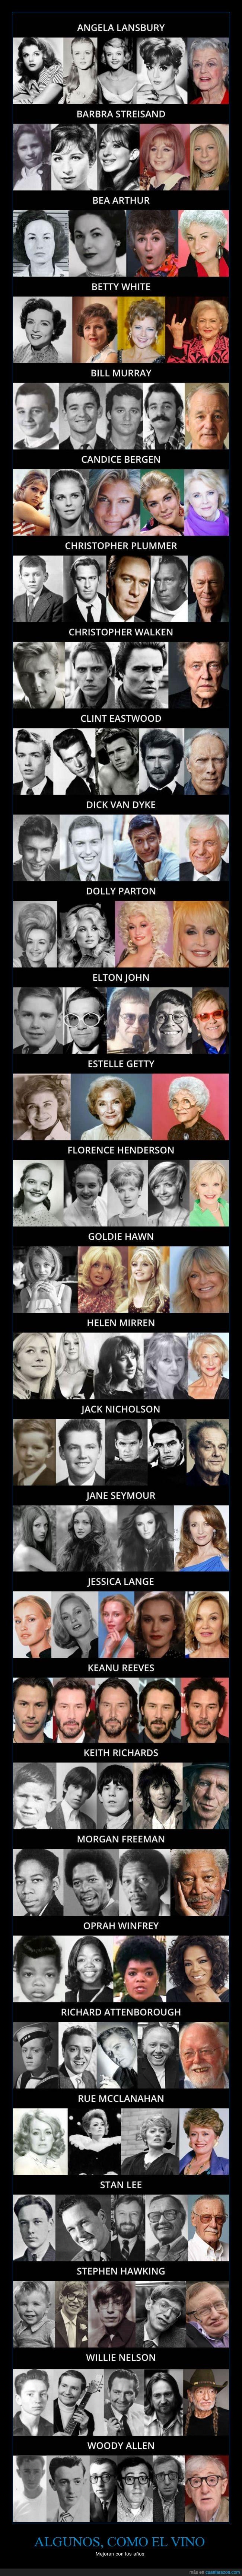 actor,actriz,edad,evolución,Helen Mirren,Jessica Lange,Keanu Reeves,Morgan Freeman,Oprah,Stephen Hawking,Woody Allen